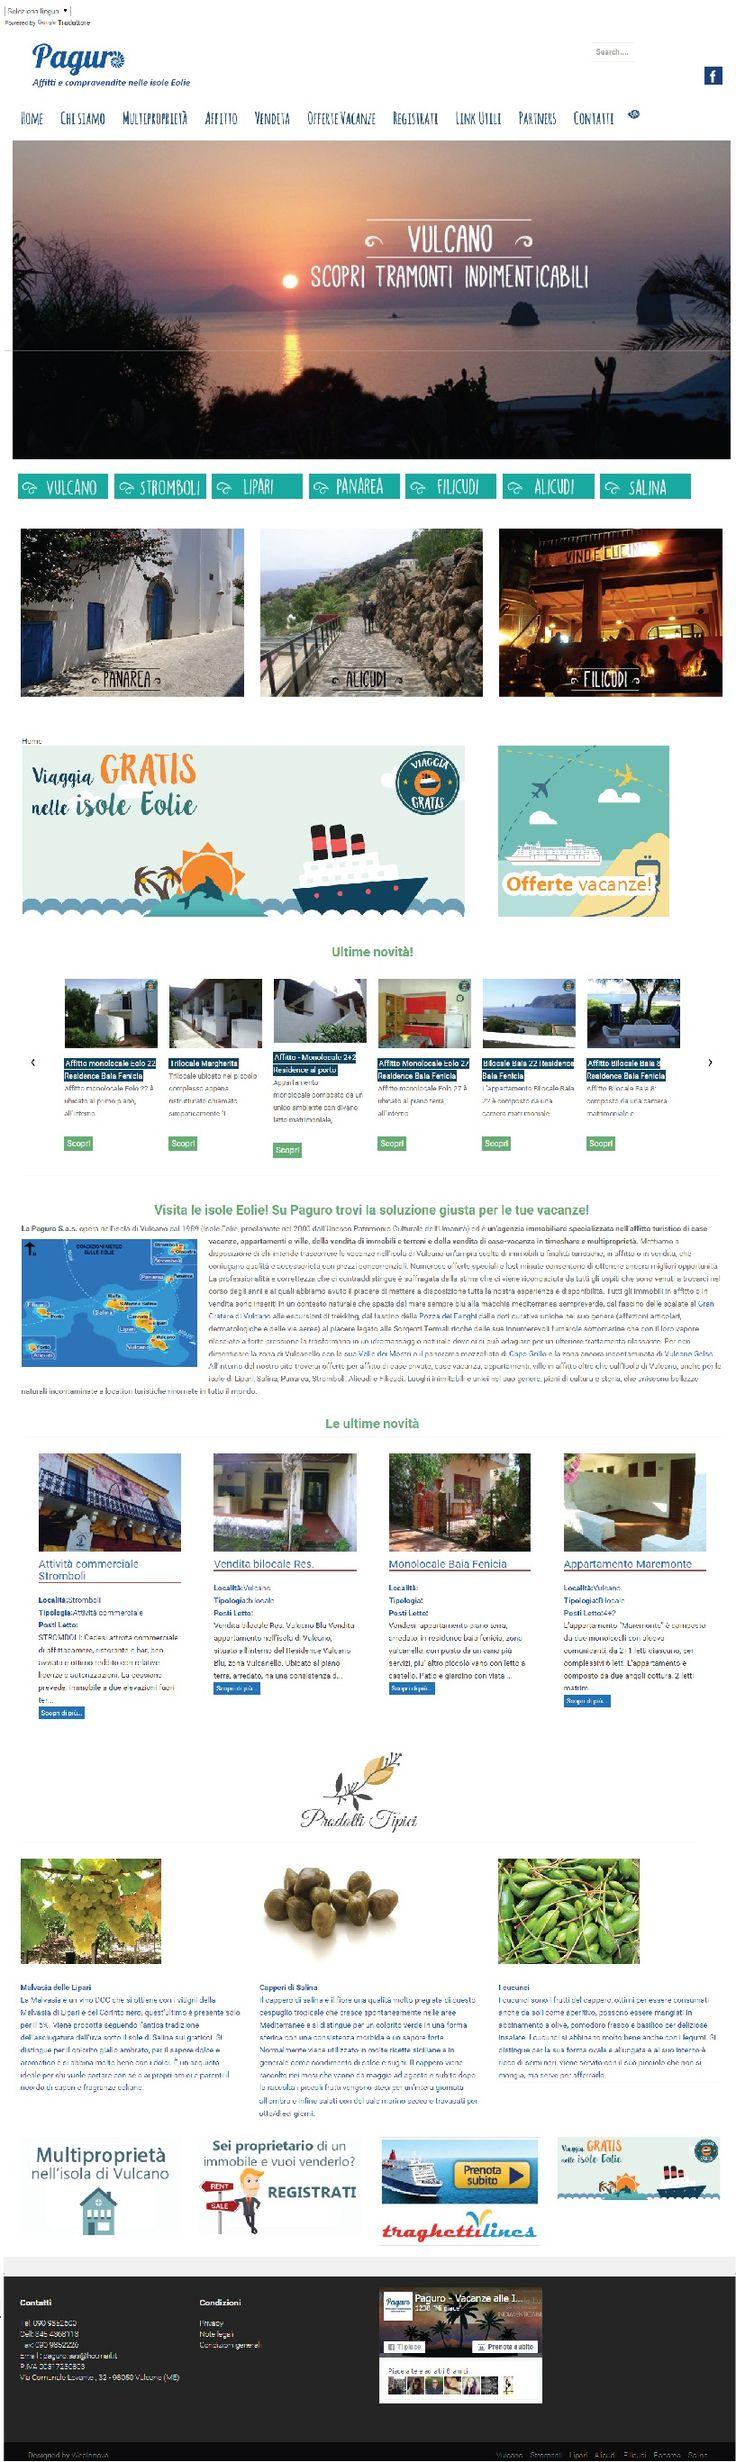 Sito #web realizzato con #Wordpress per Paguro, affitta case vacanze nelle Isole Eolie